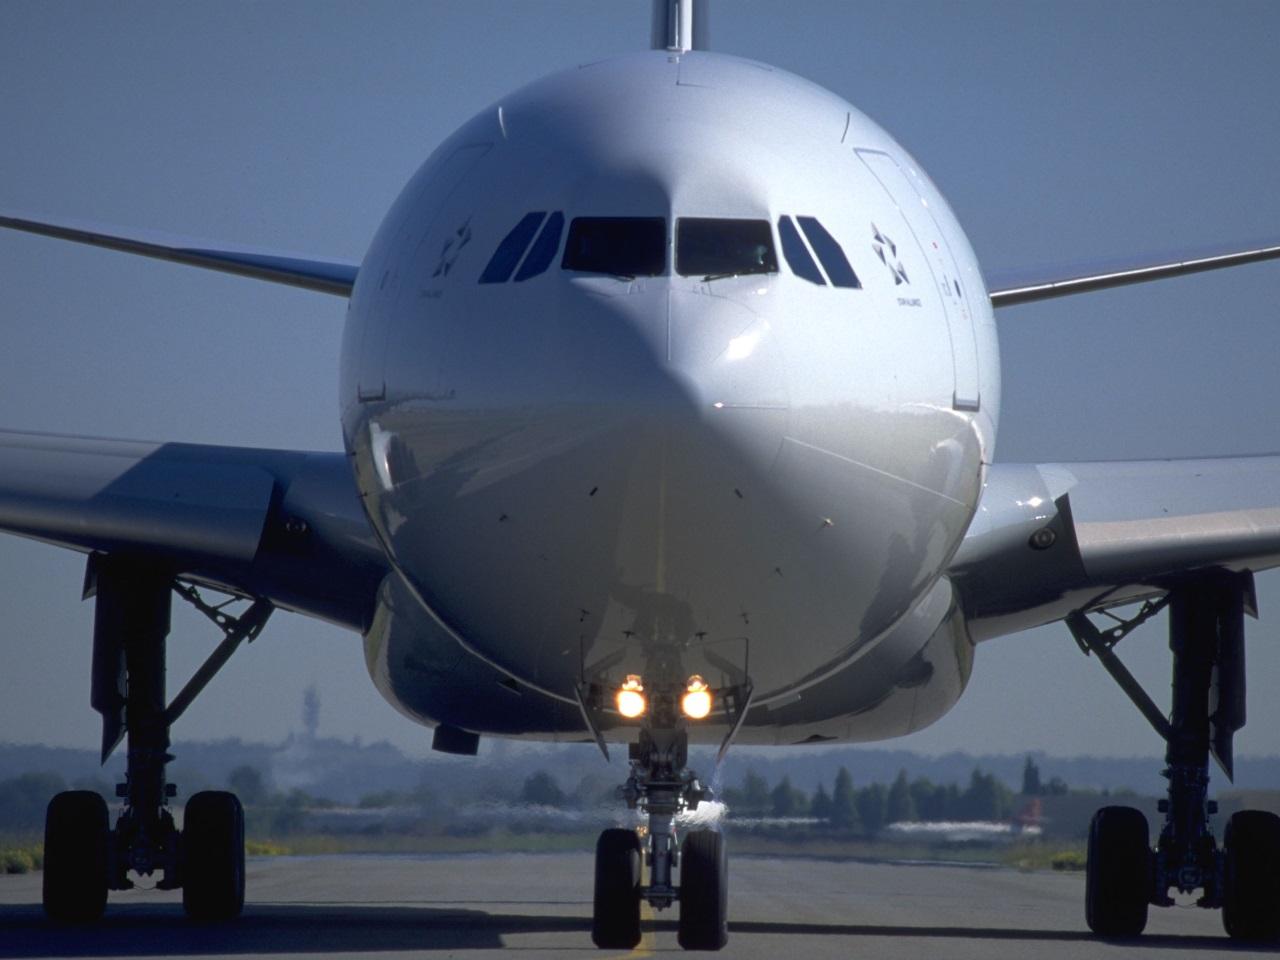 Arnaque : Skyline Airways, la compagnie aérienne fantôme qui n'existe pas